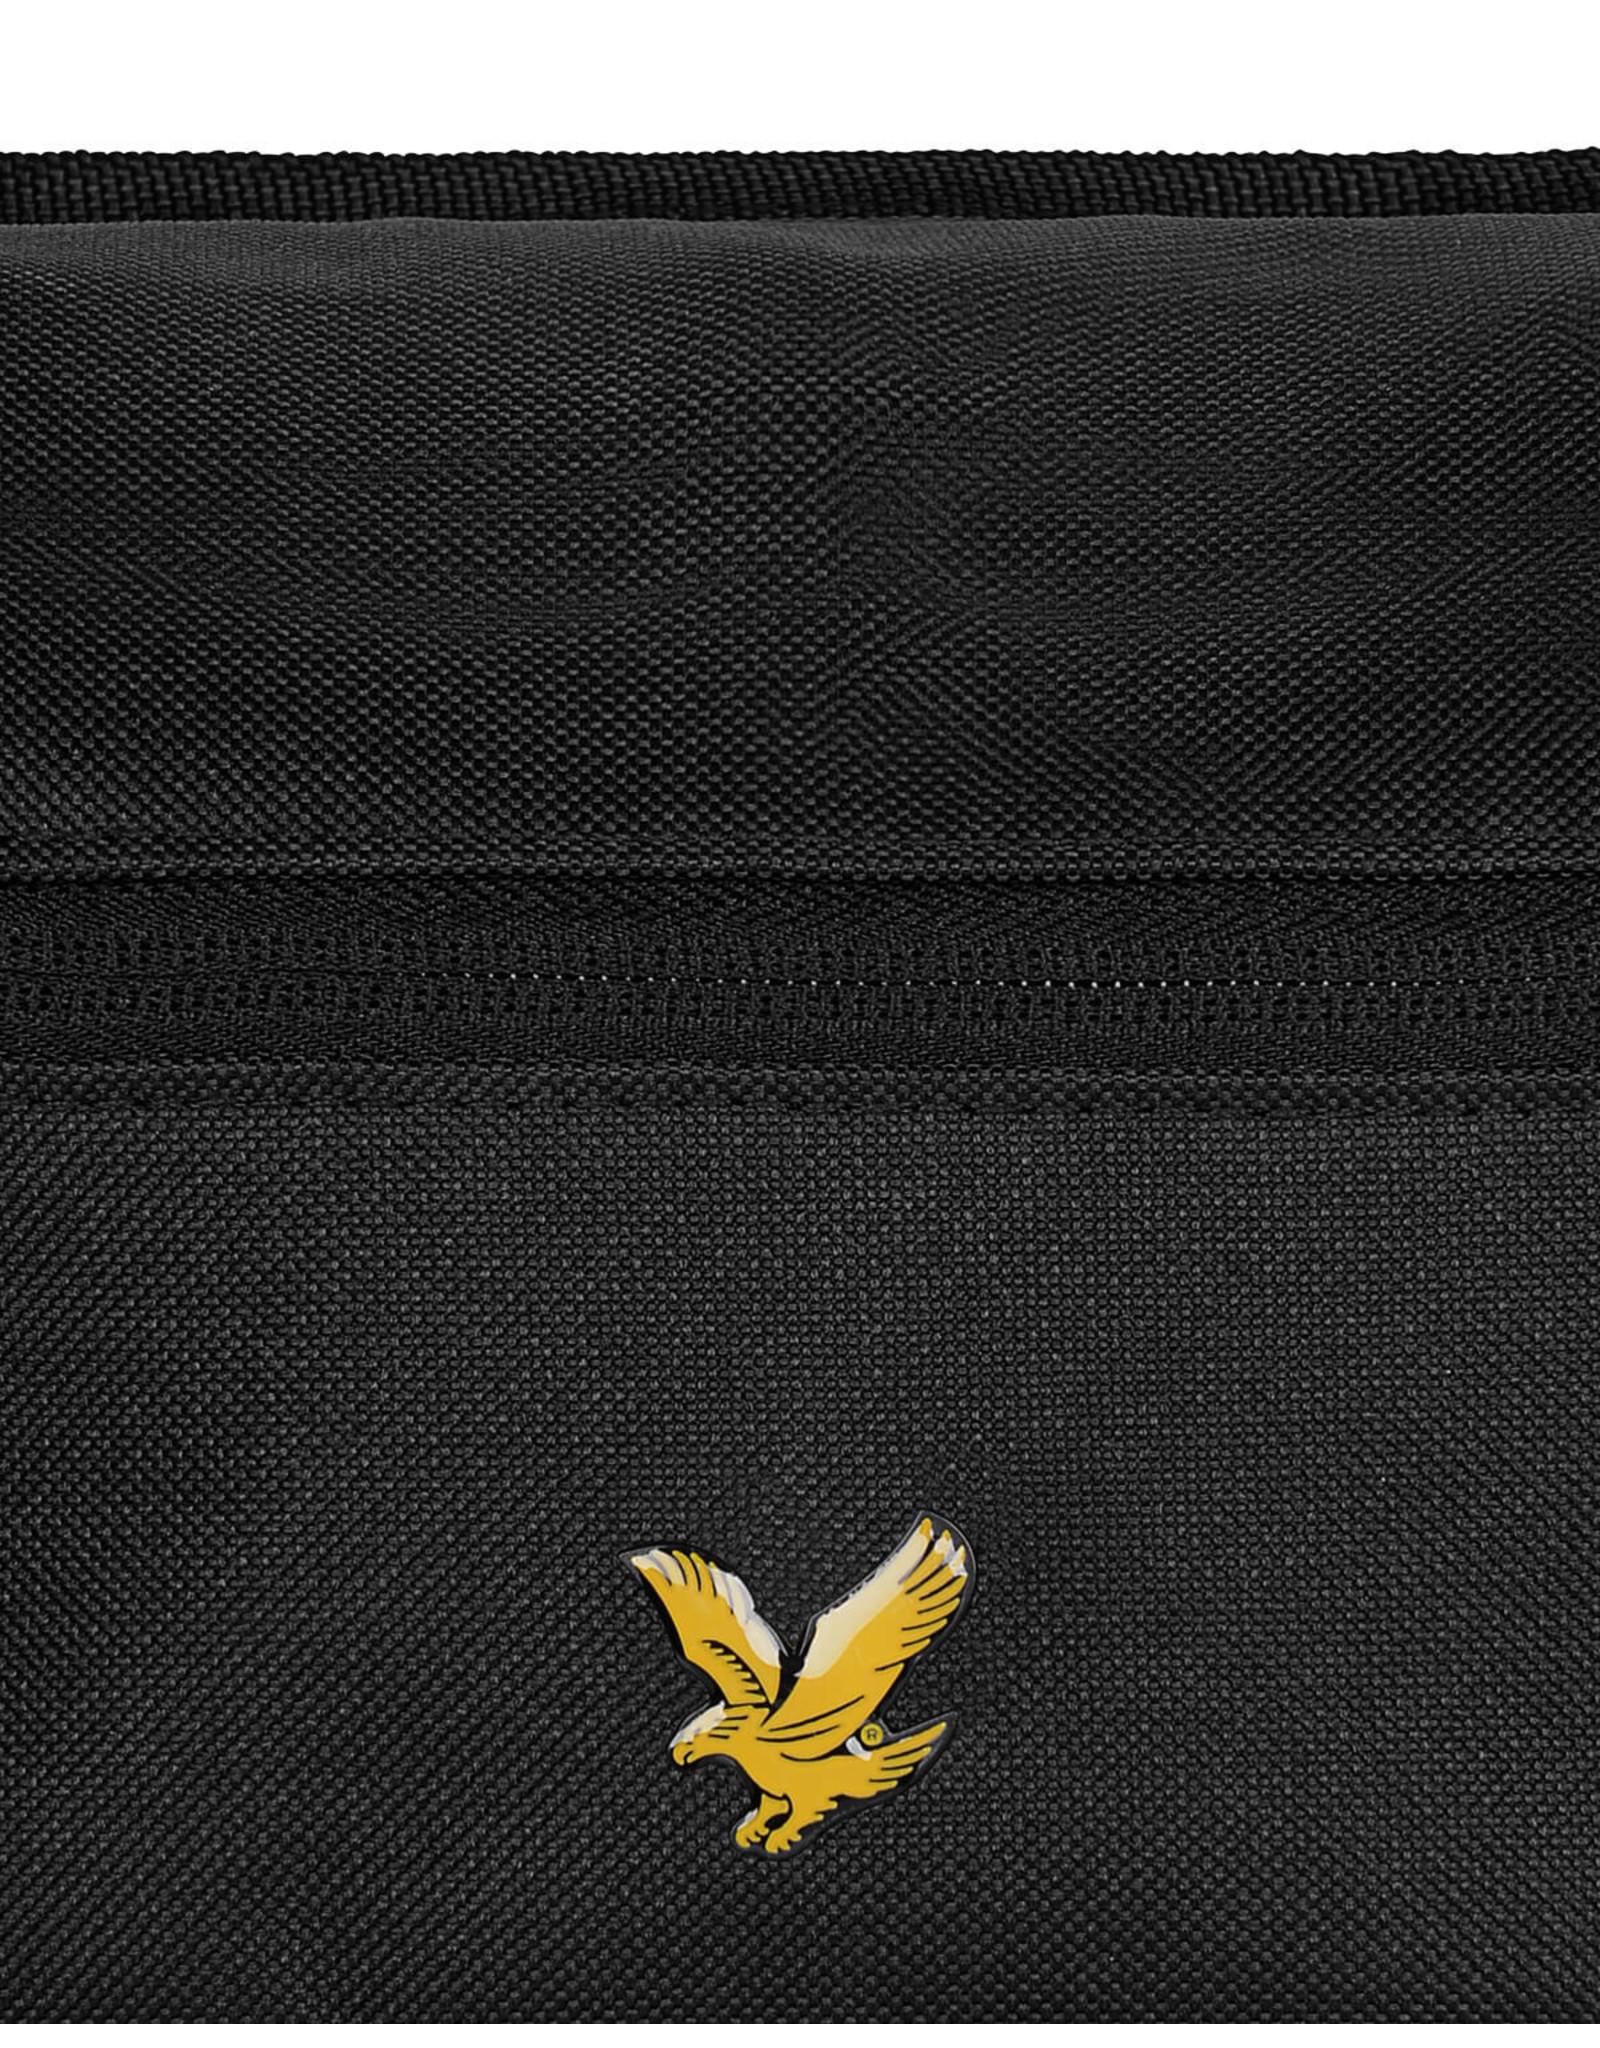 Lyle & Scott Boys Lyle Cross Body Bag Black